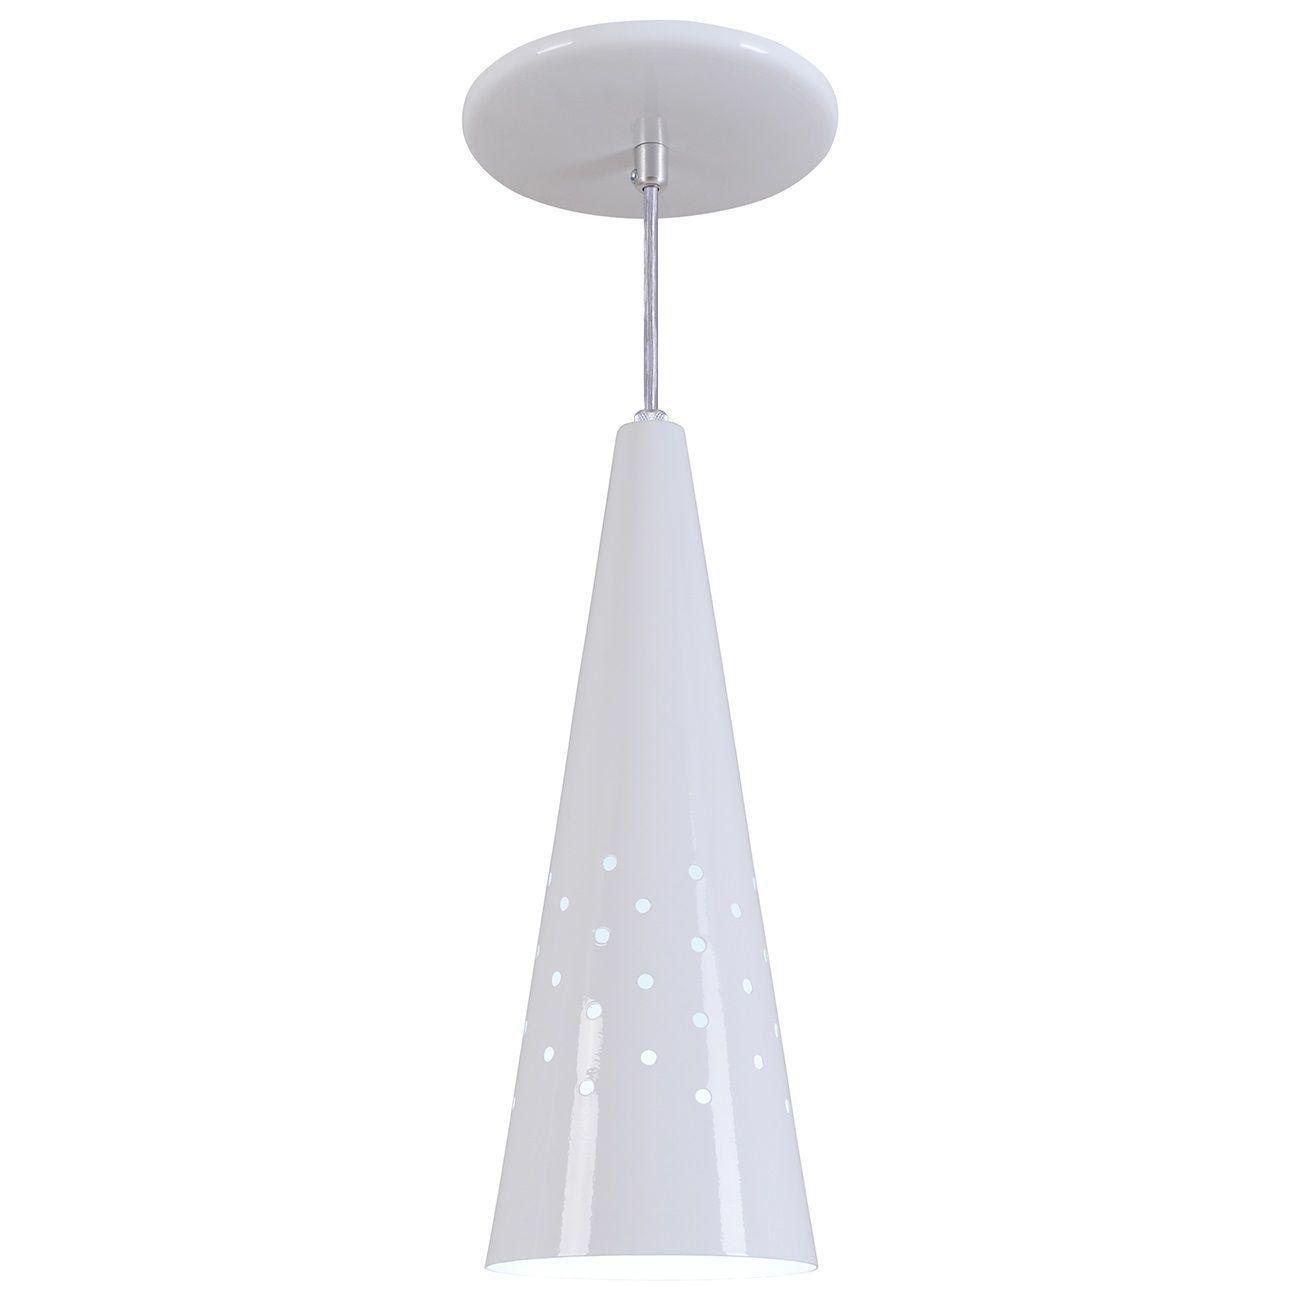 Pendente Cone Furado Luminária Lustre Alumínio Branco Brilhante - Rei Da Iluminação